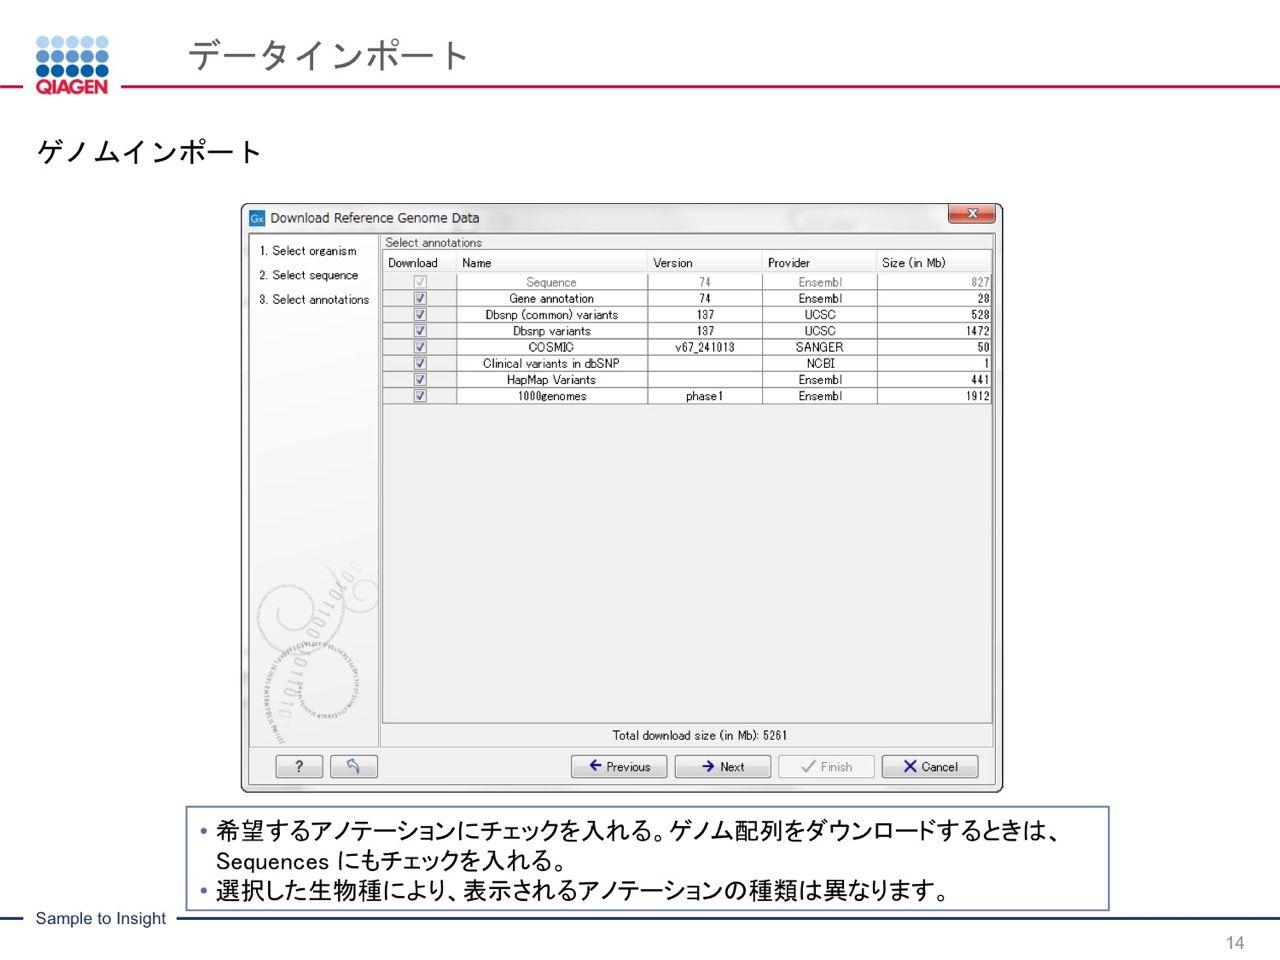 images/AJACSa2_miyamoto_014.jpg